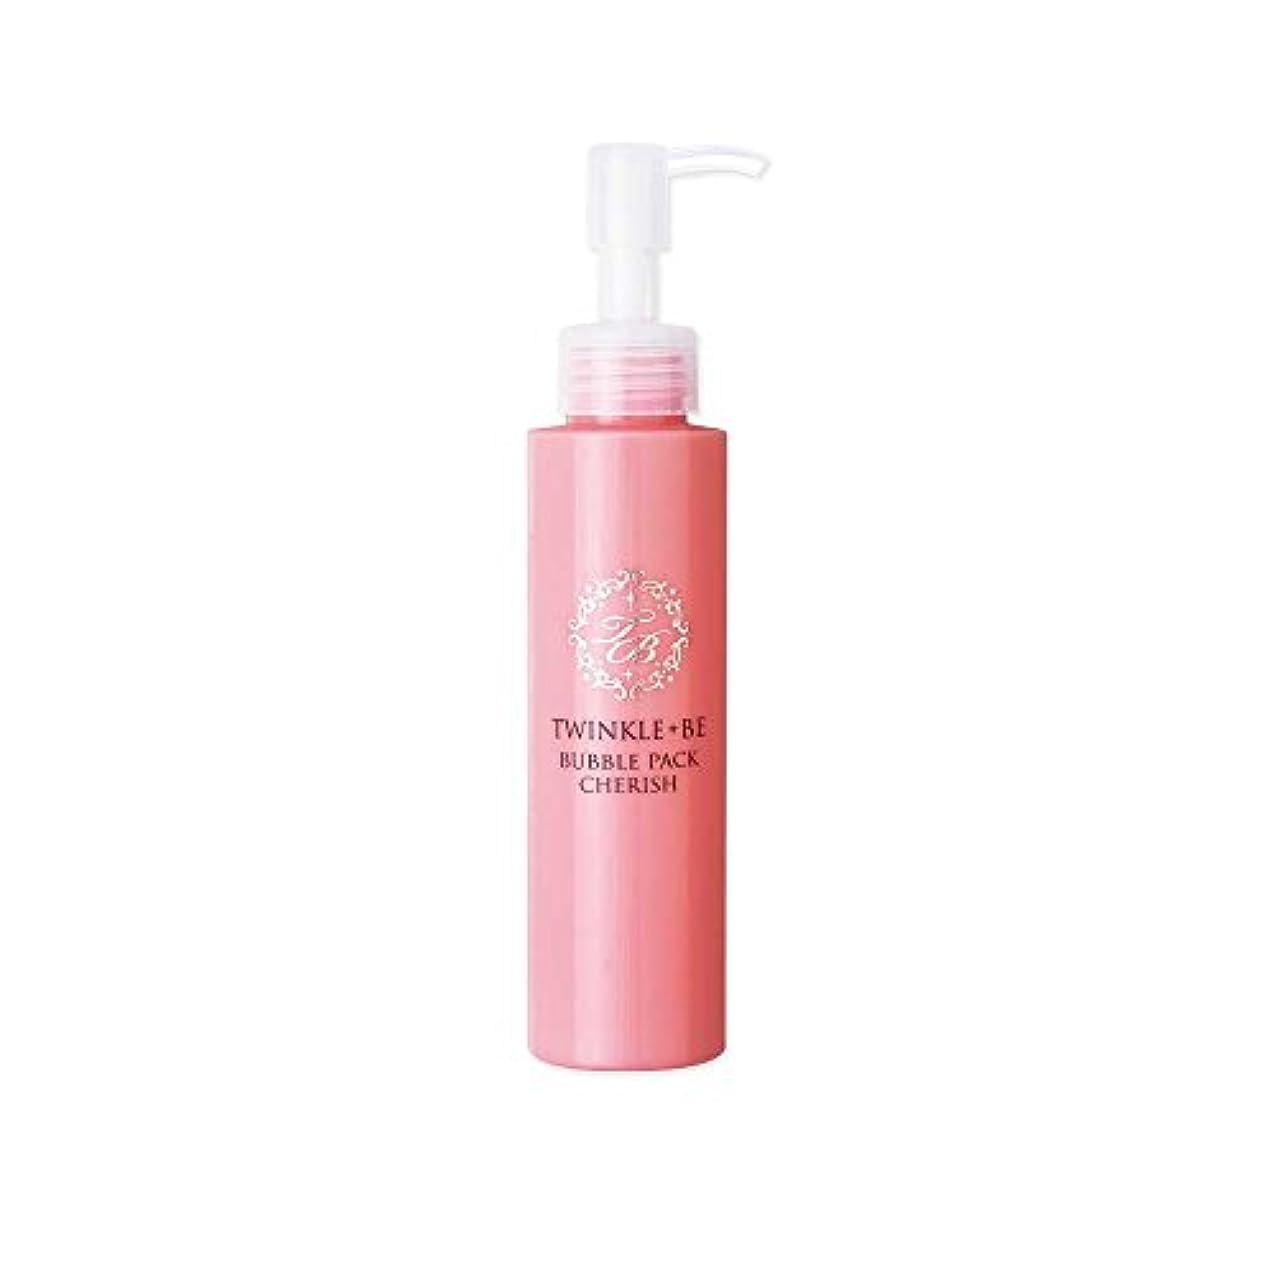 ミントワンダーティッシュBeGarden(ビーガーデン) 酸素パック バブルパックチェリッシュ (ピーリング クリーニング パック) 1本 日本製 チェリーブロッサムの香り